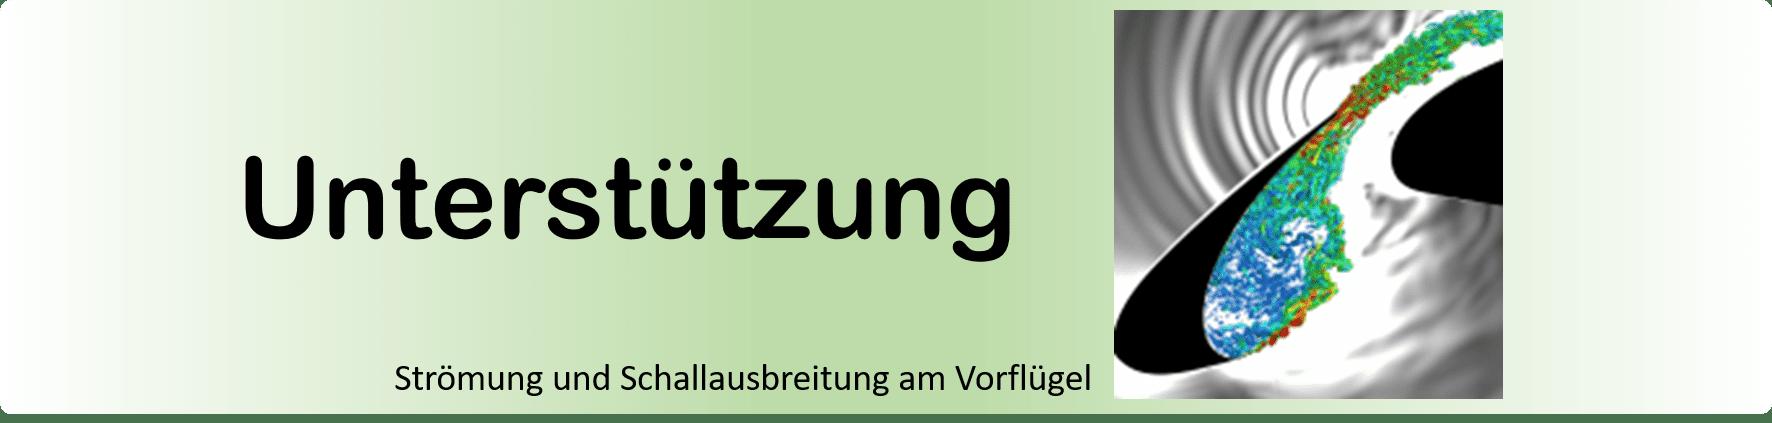 Slider_Unterstuetzung_191210